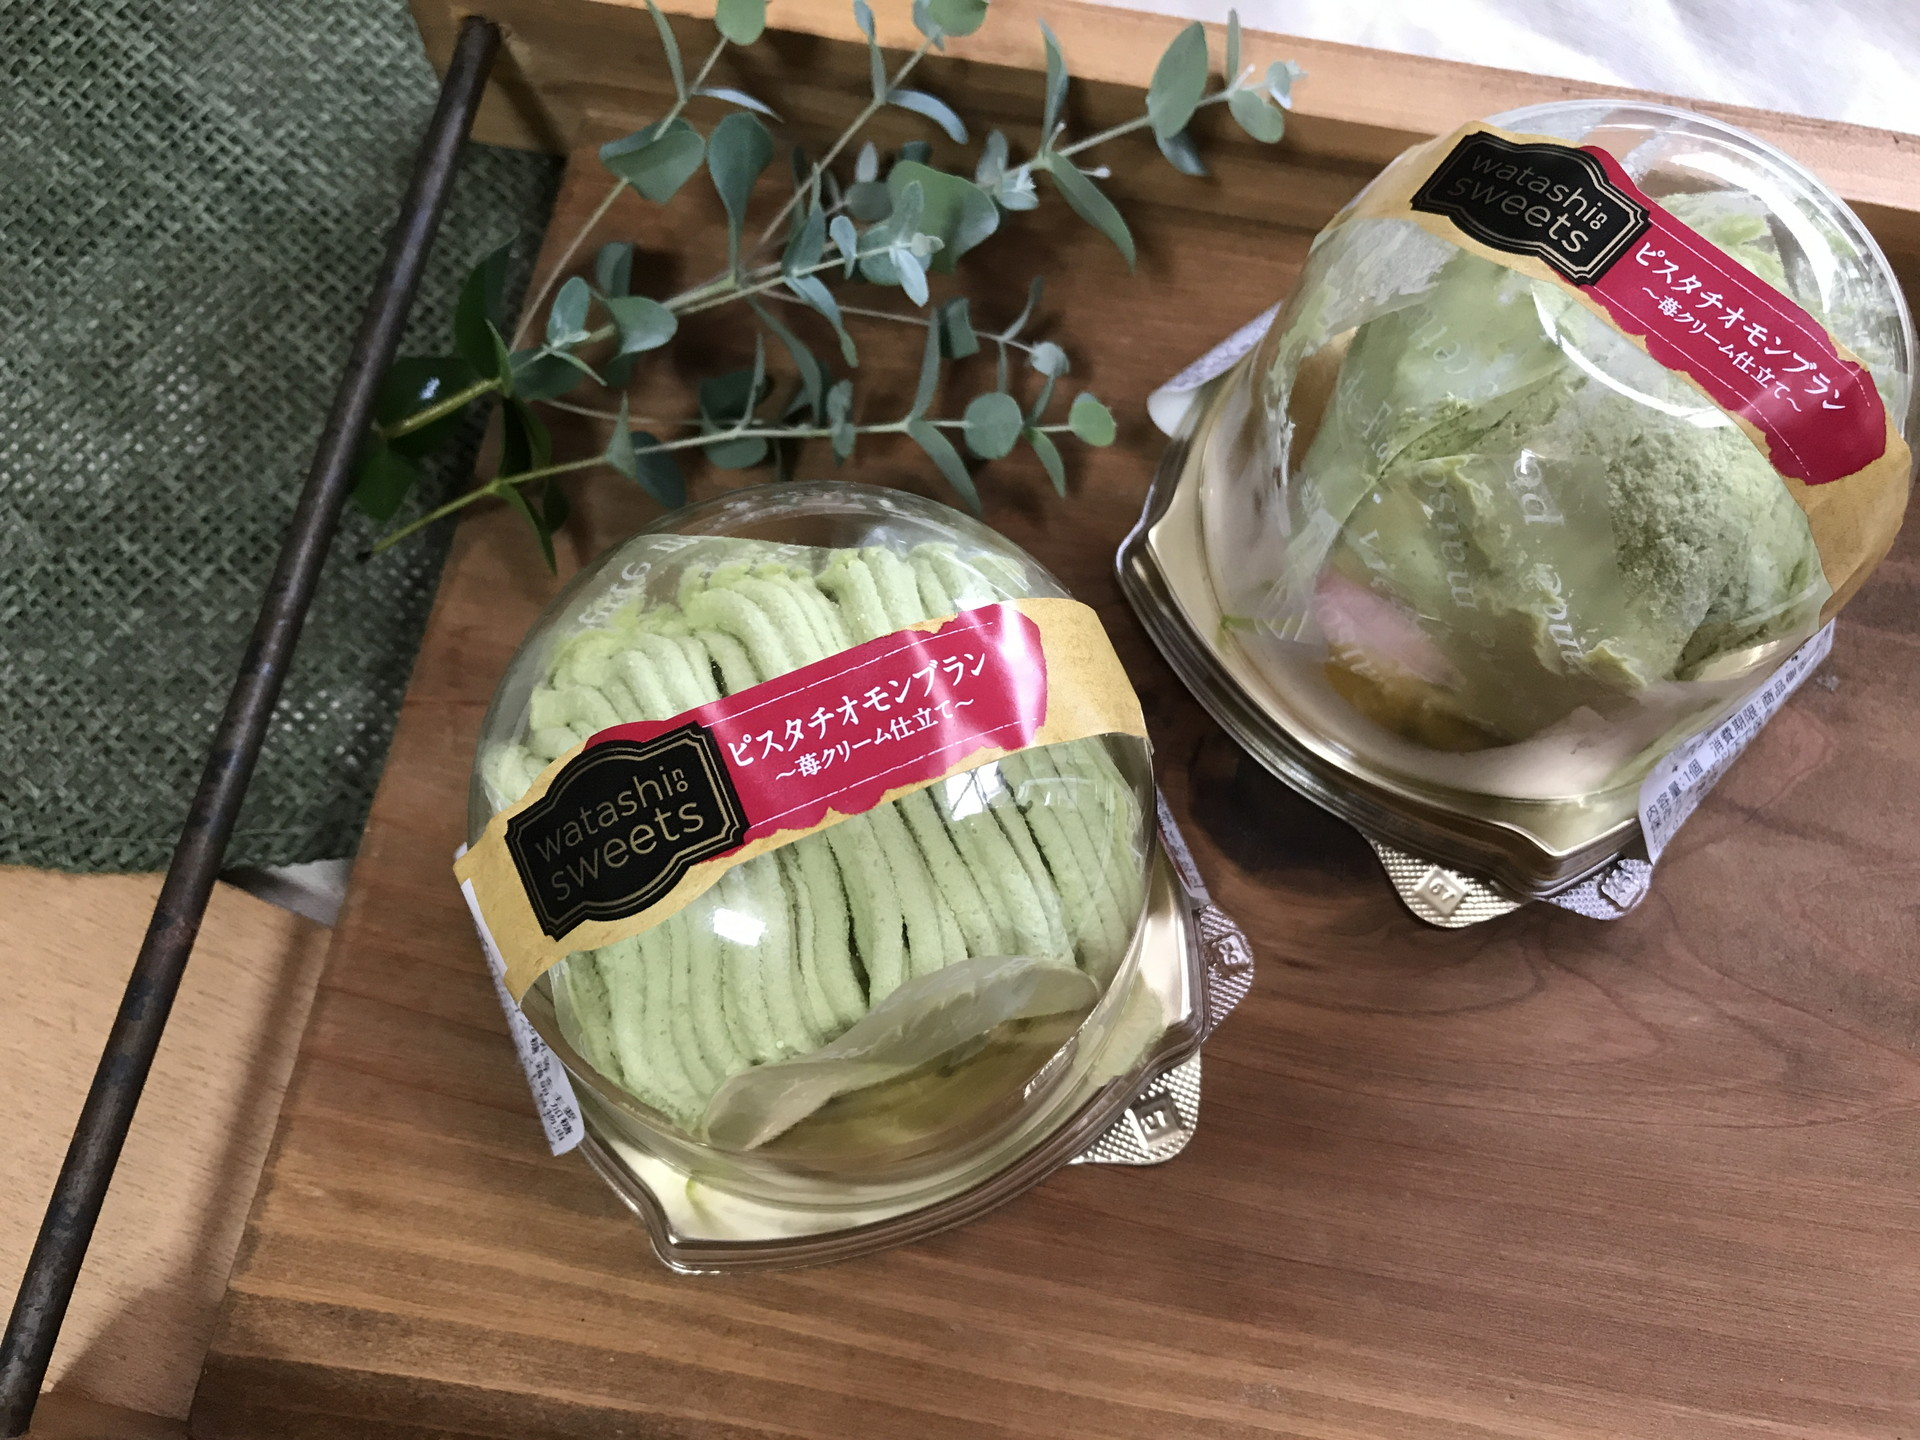 【ヤオコー】自社ブランドが熱い!ピスタチオに惹かれる、緑のモンブラン